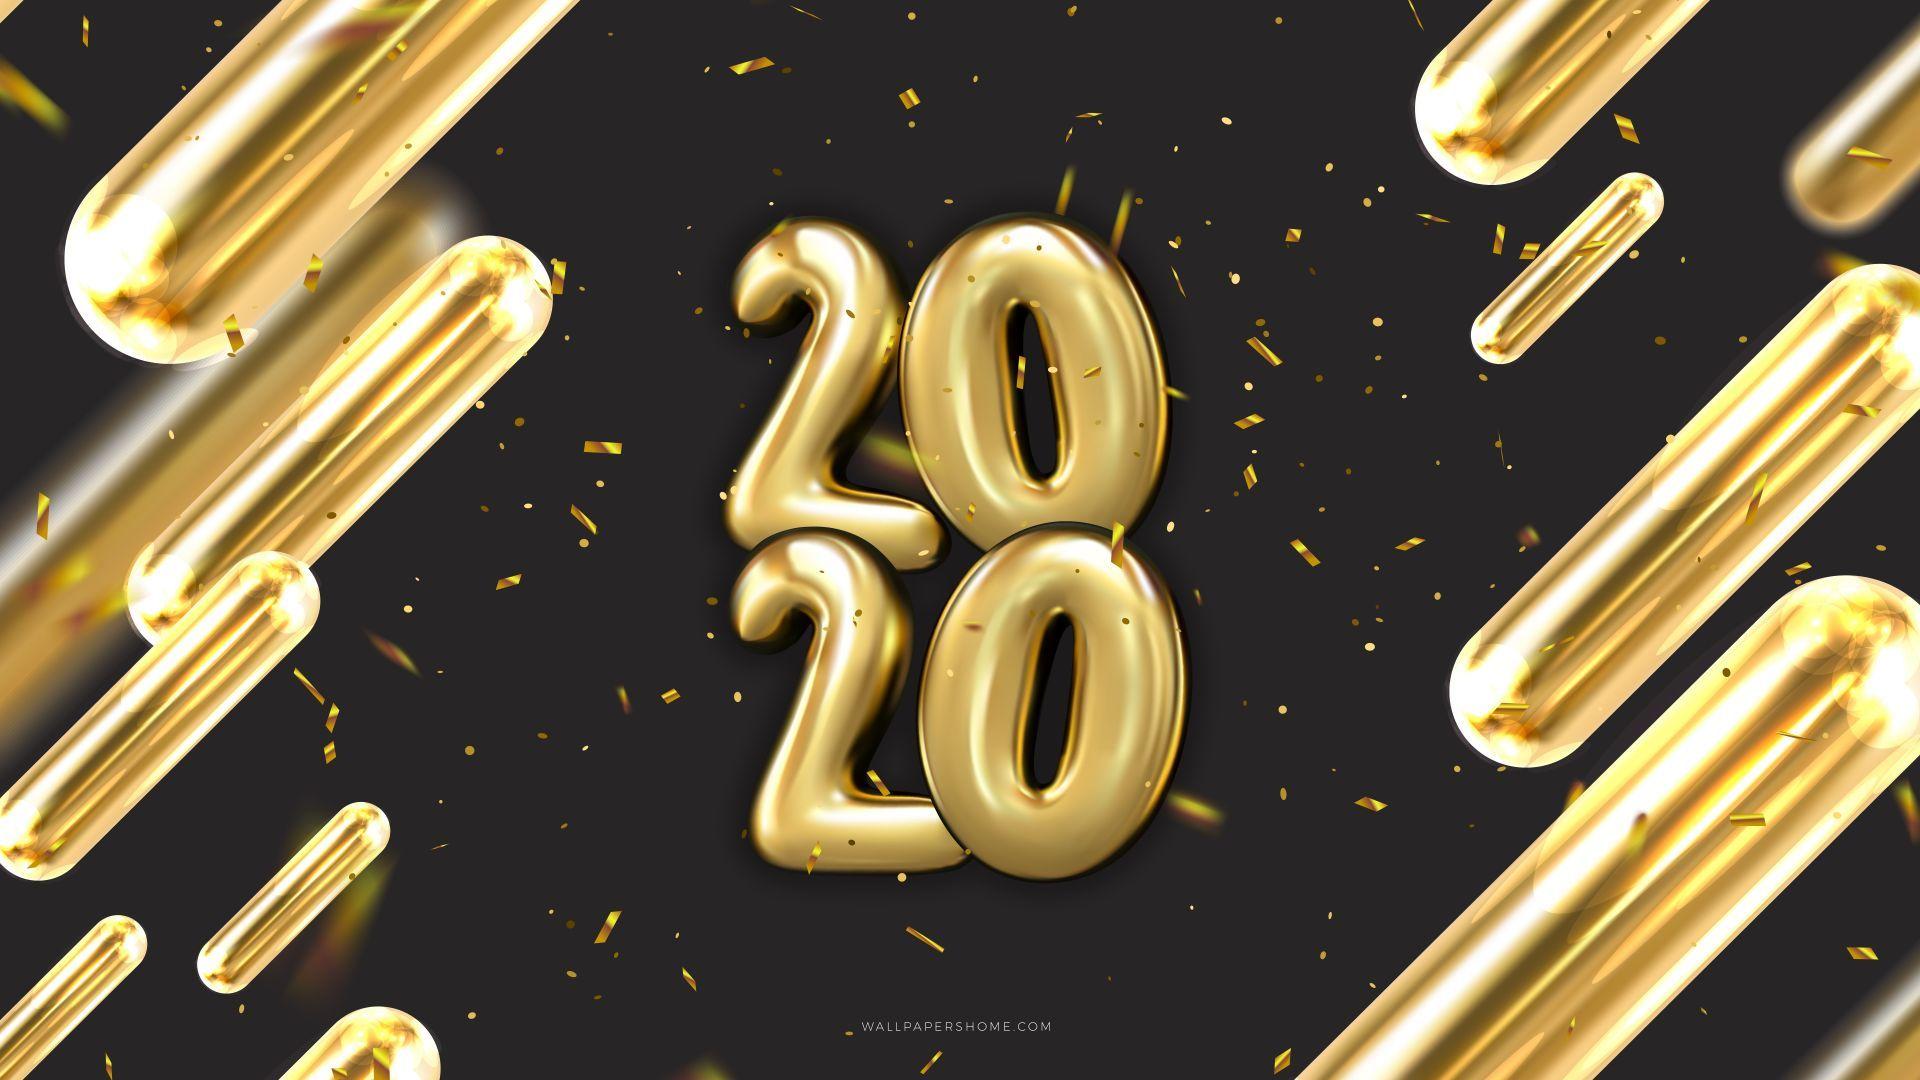 Winter 2020 screen wallpaper